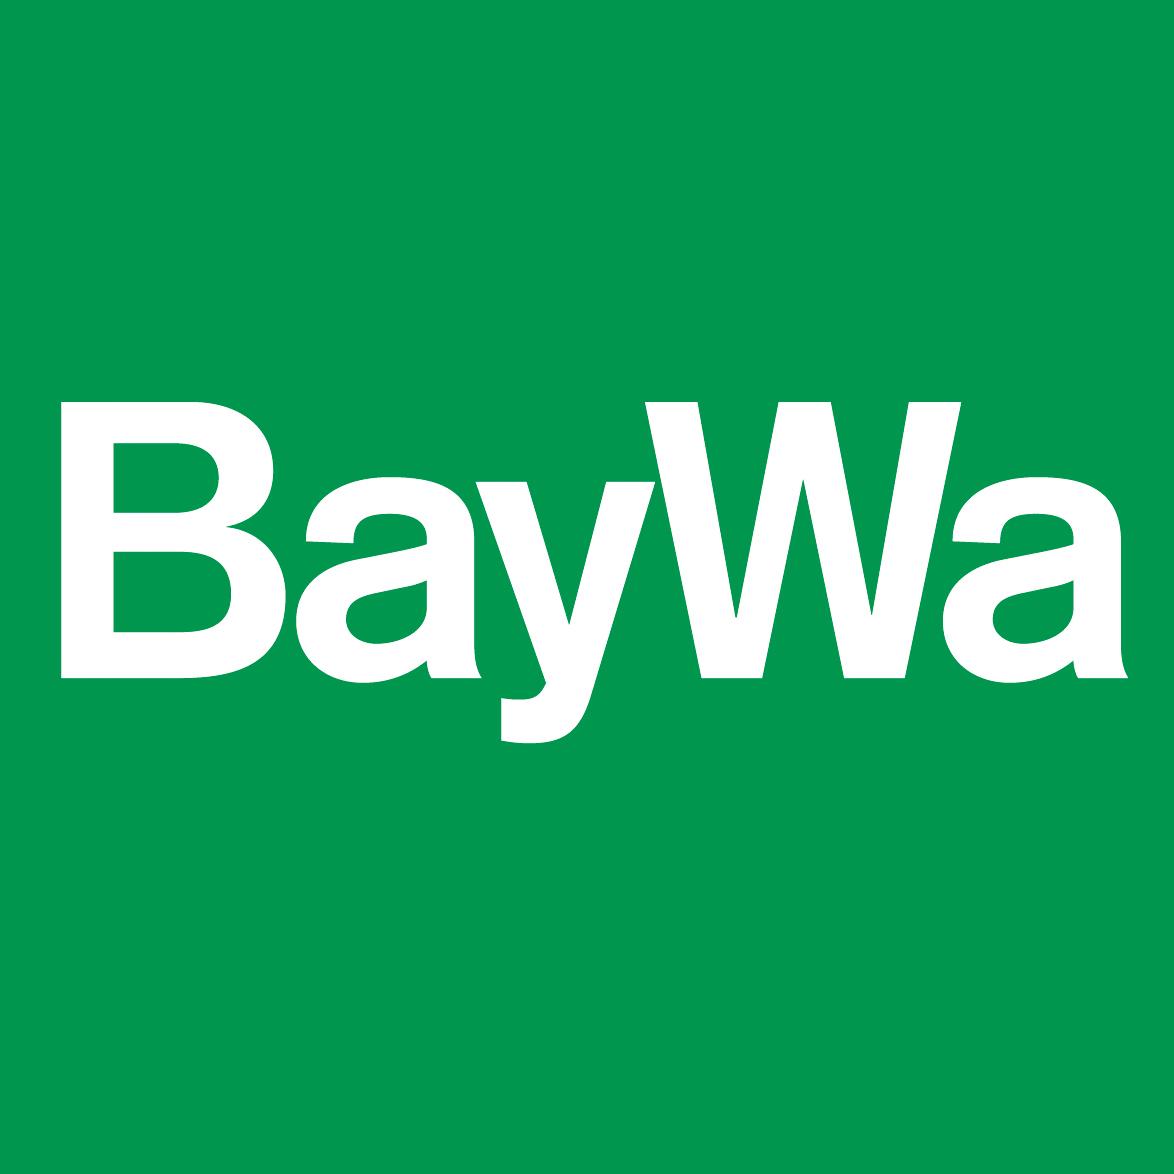 Baustoffe BayWa AG Baustoffe